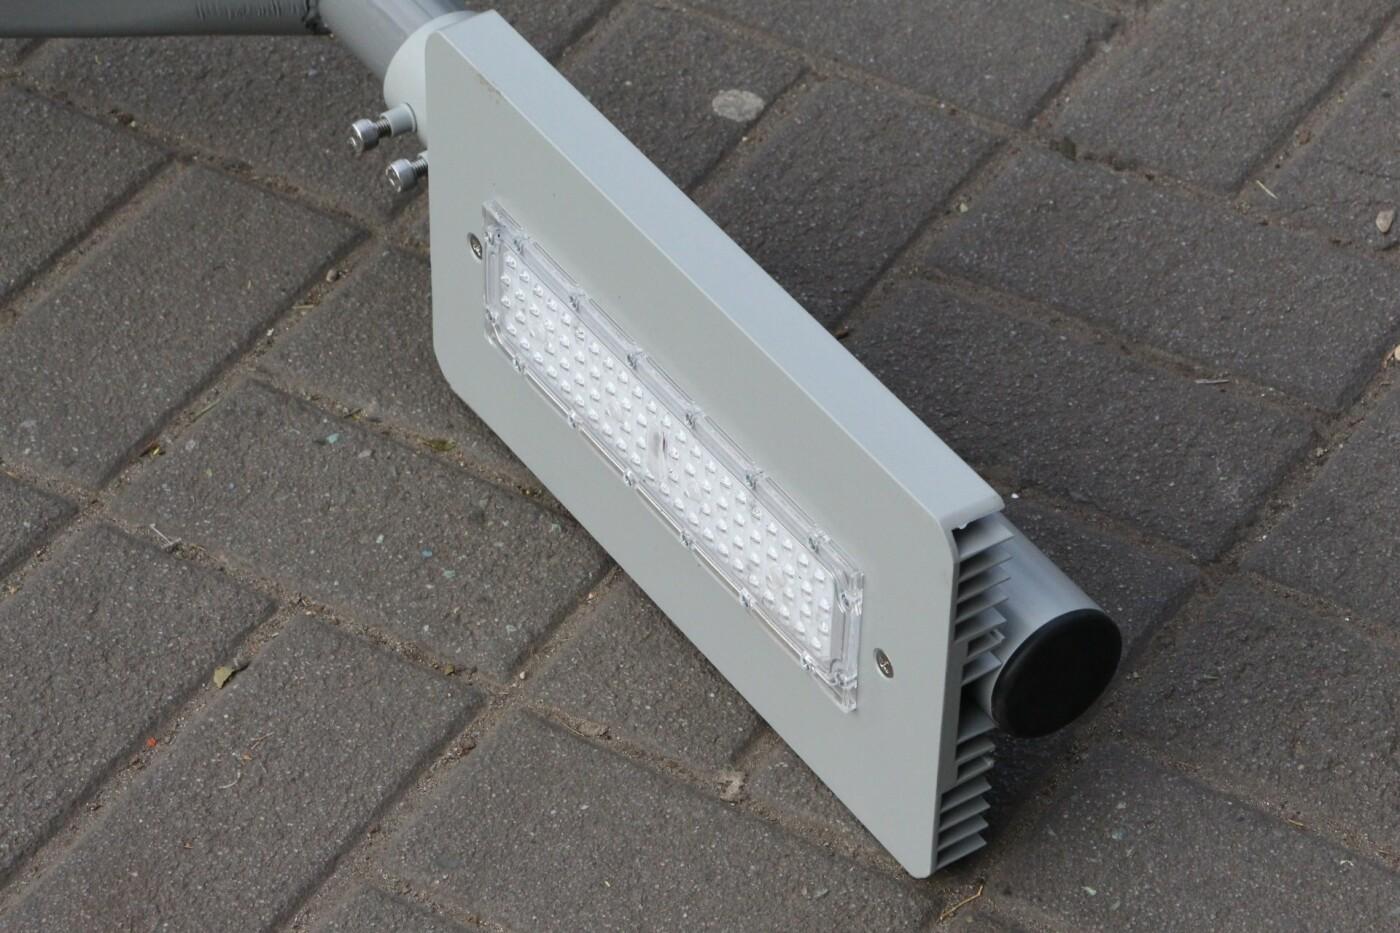 В Запорожье на главном проспекте меняют фонари на энергосберегающие, - ФОТО, фото-3